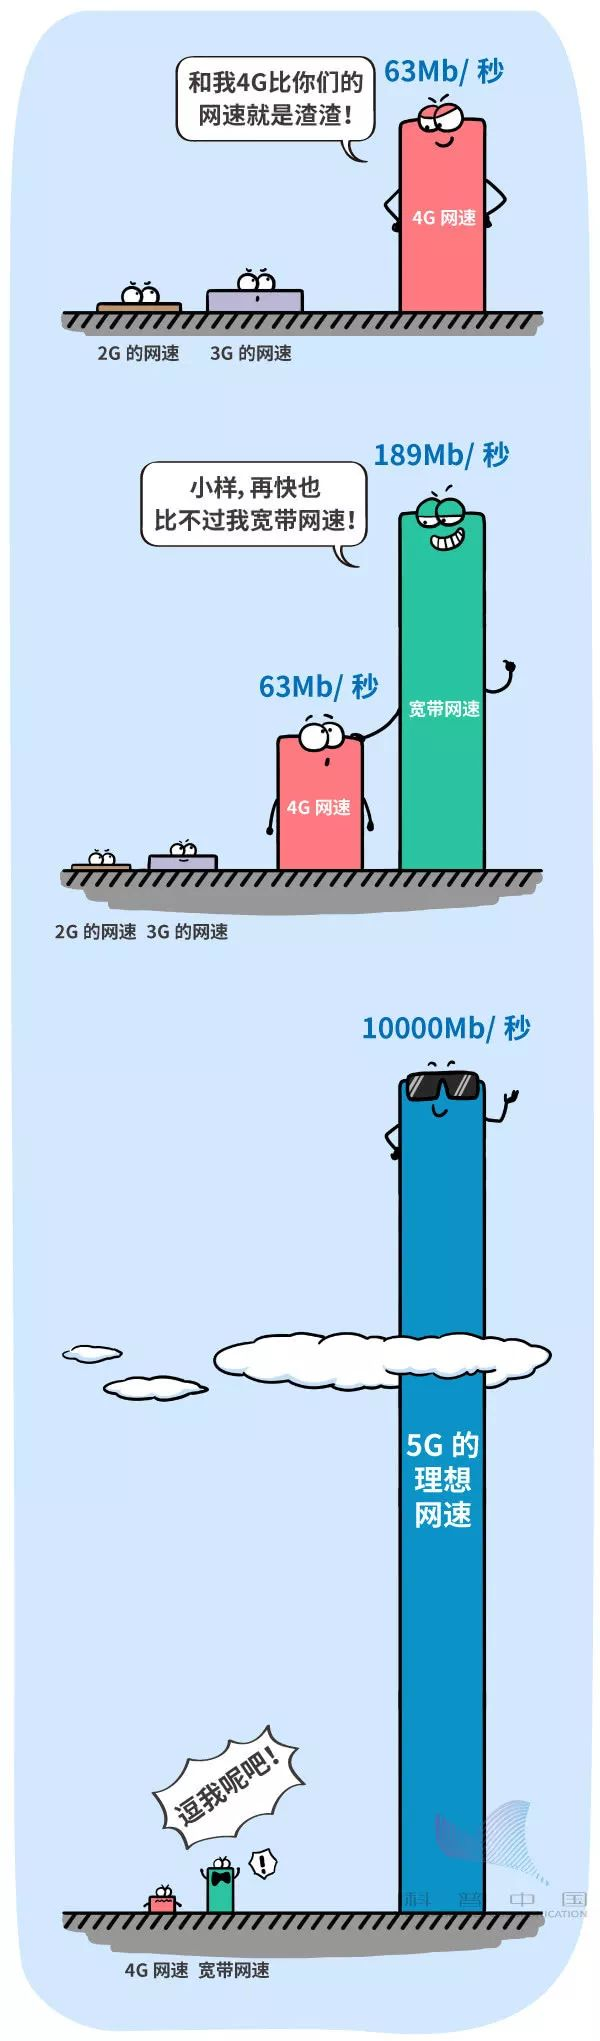 一幅漫画看5G到底是什么玩意儿的图片 第13张